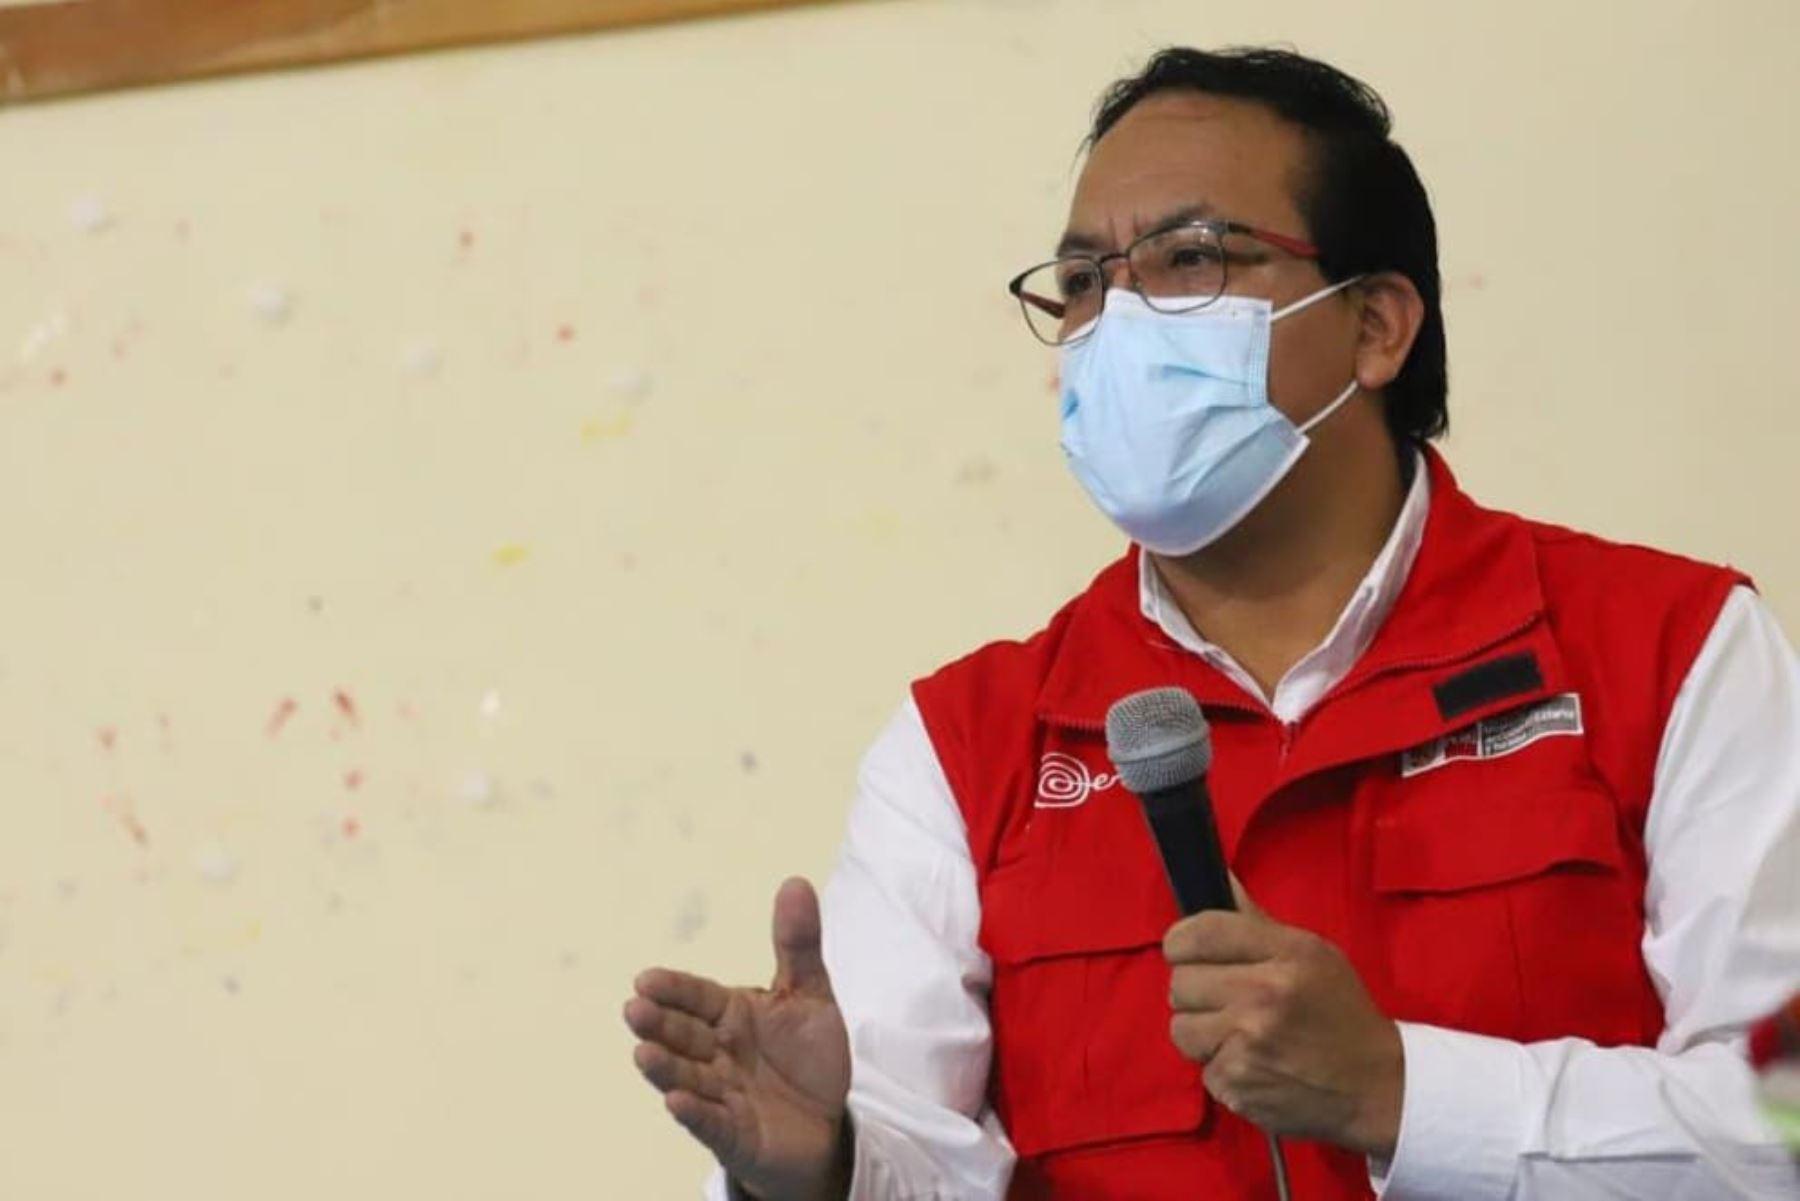 El presidente Pedro Castillo sostuvo un encuentro con los directivos, dirigentes y agricultores de más de 60 cooperativas de productos orgánicos del país, donde reafirmó el compromiso de fortalecer la capacidad exportadora de las comunidades campesinas del Perú. Foto: Prensa Presidencia